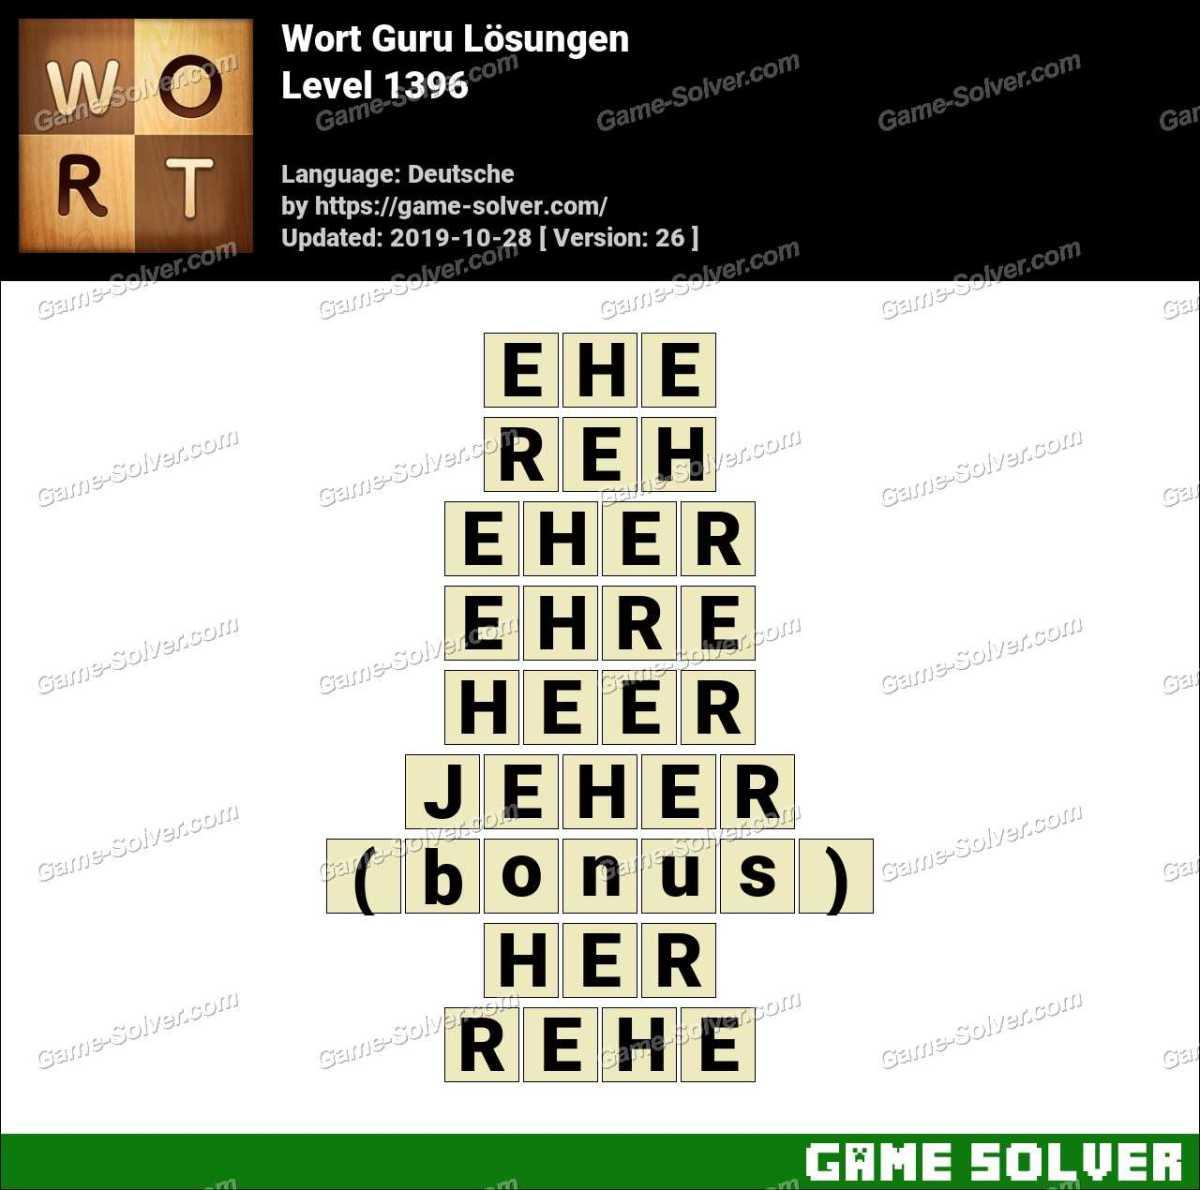 Wort Guru Level 1396 Lösungen